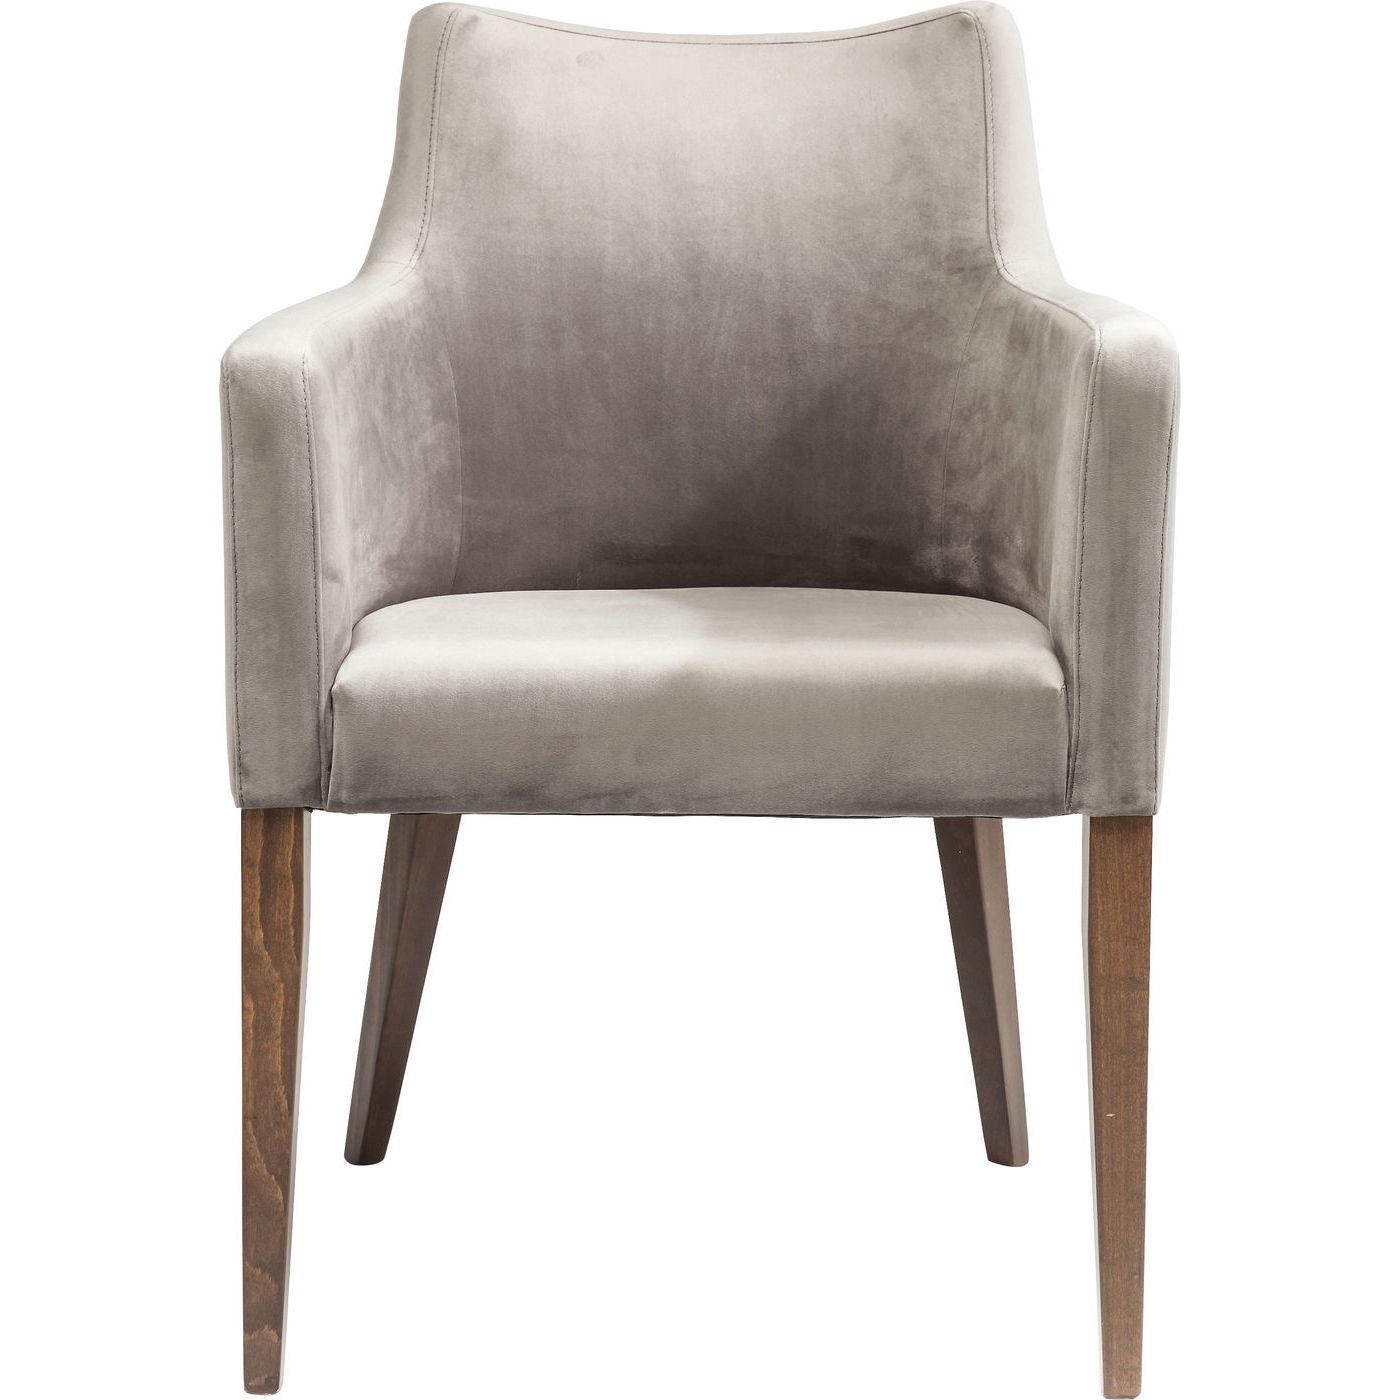 Kare design mode velvet grey spisebordsstol - grå polyester/natur bøg, m. armlæn fra kare design fra boboonline.dk